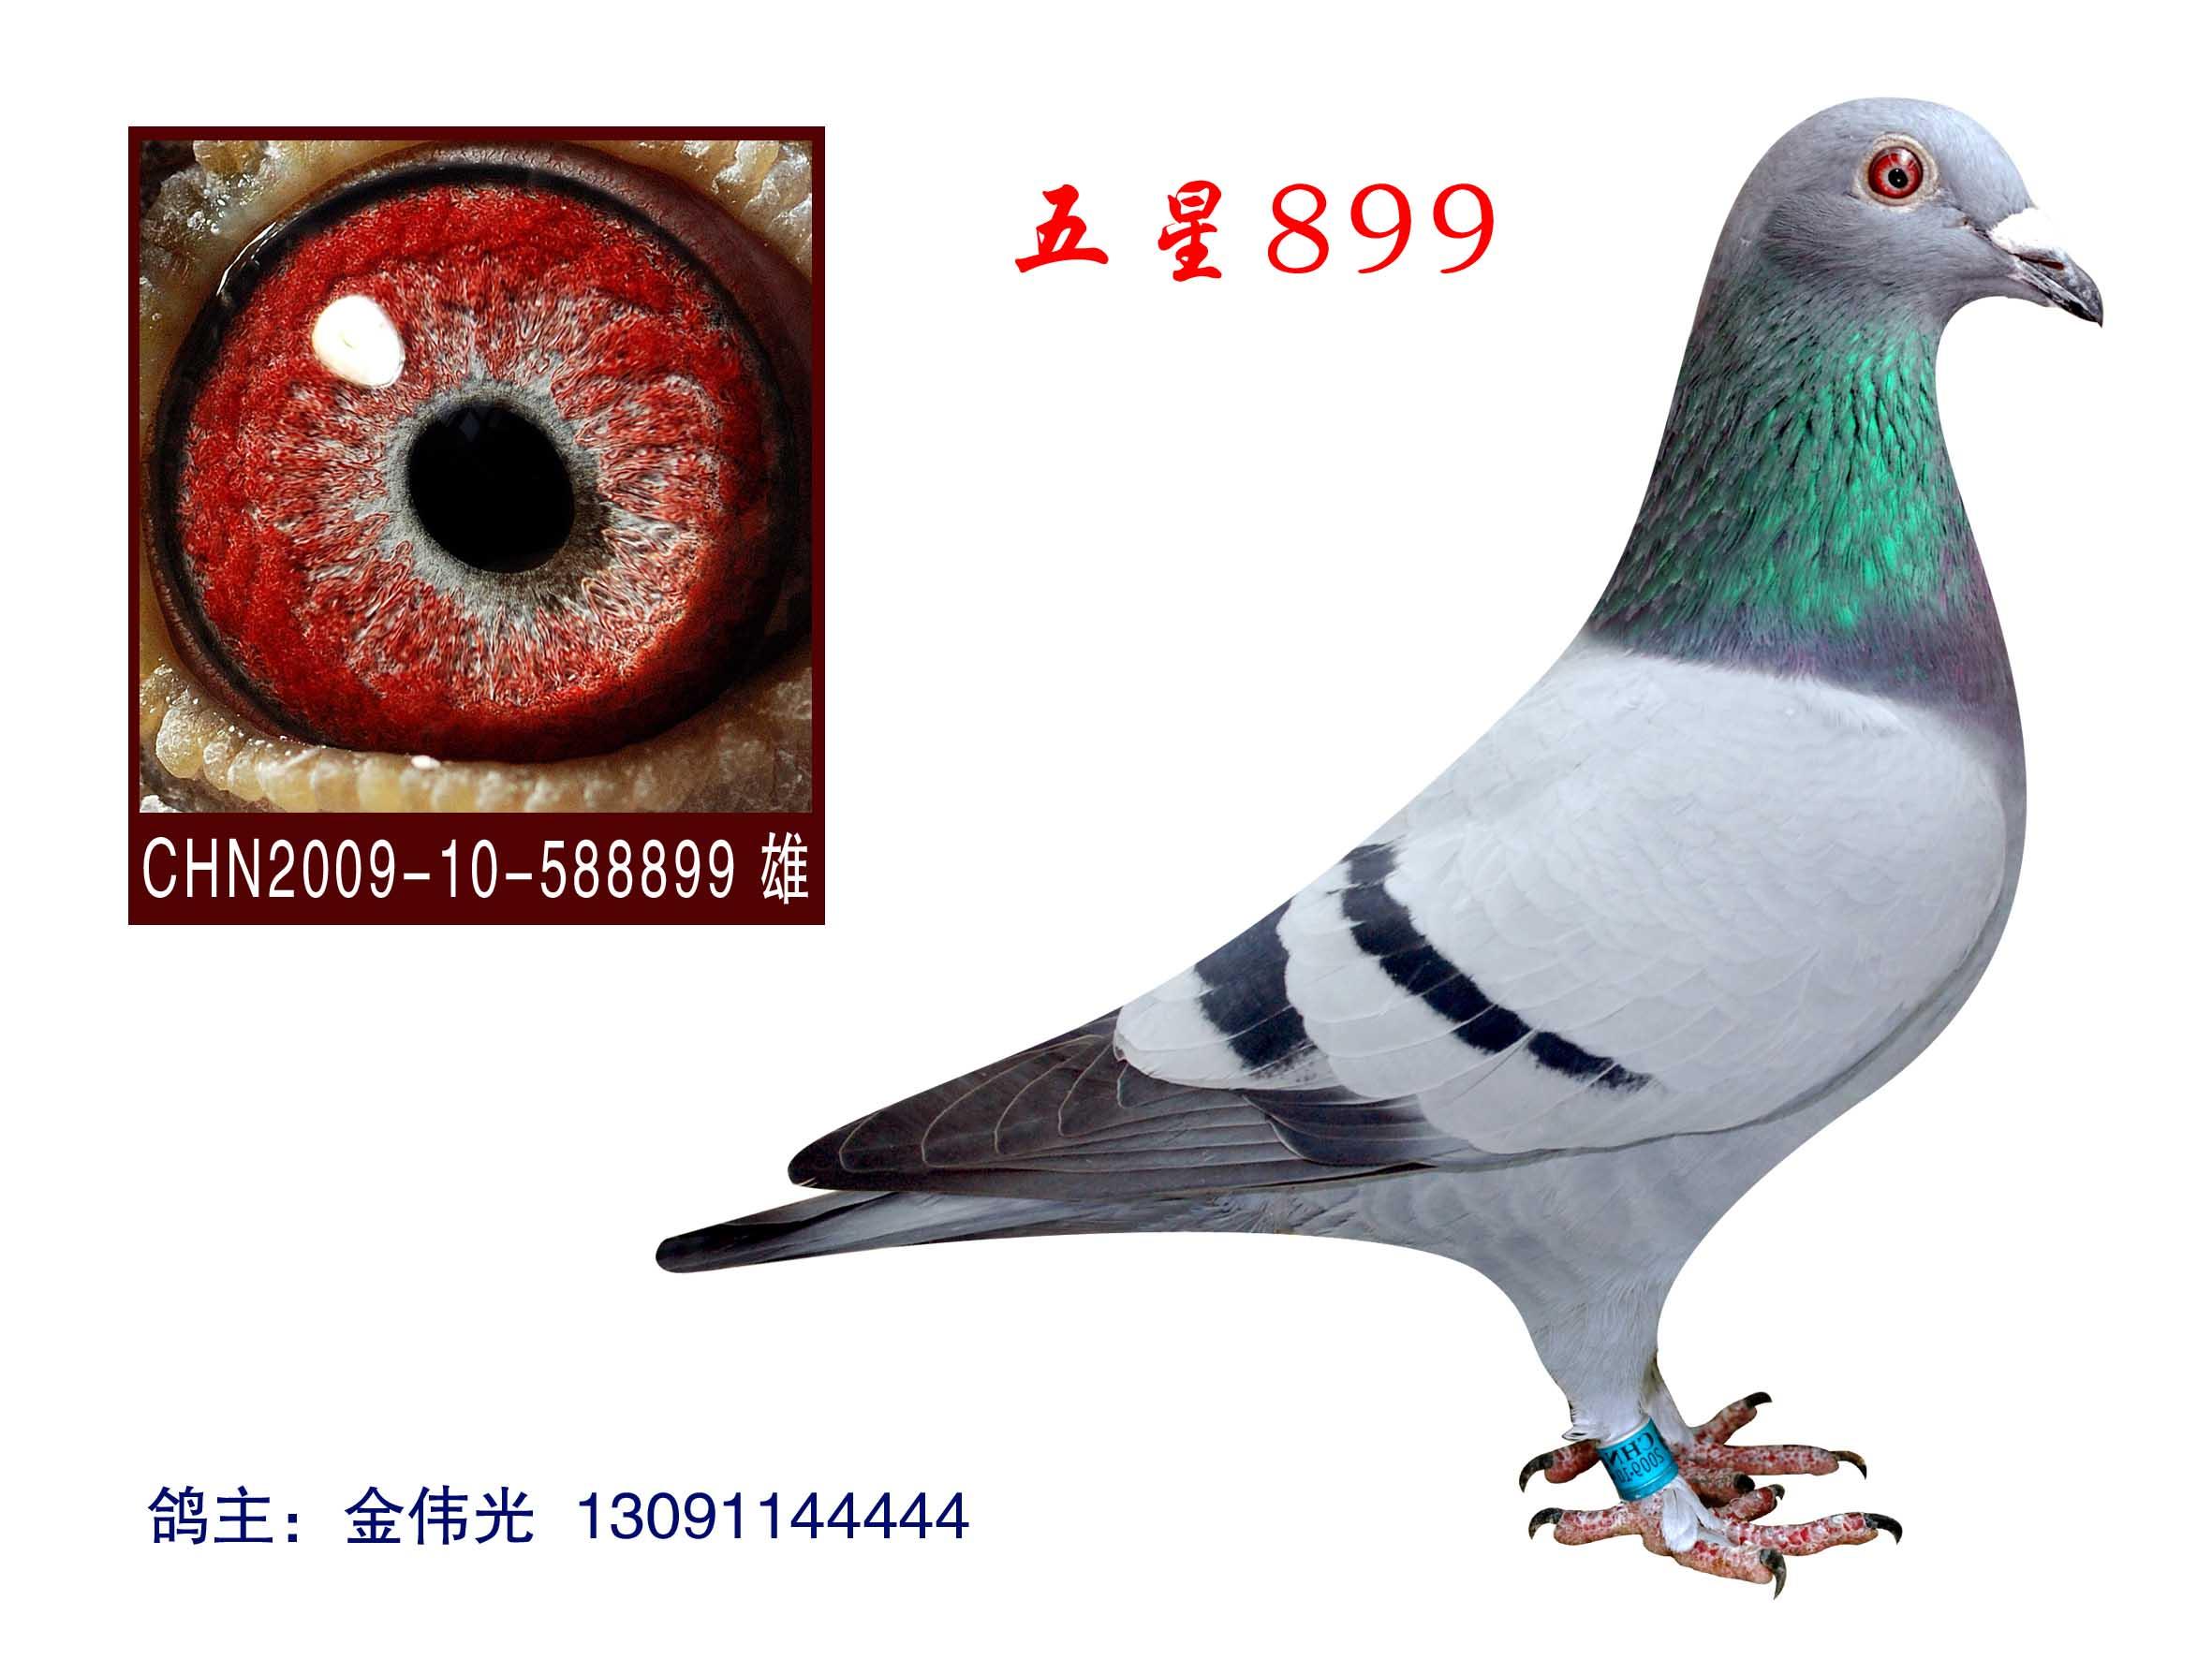 信鸽特征-电脑戈马利教父高度近亲回血鸽